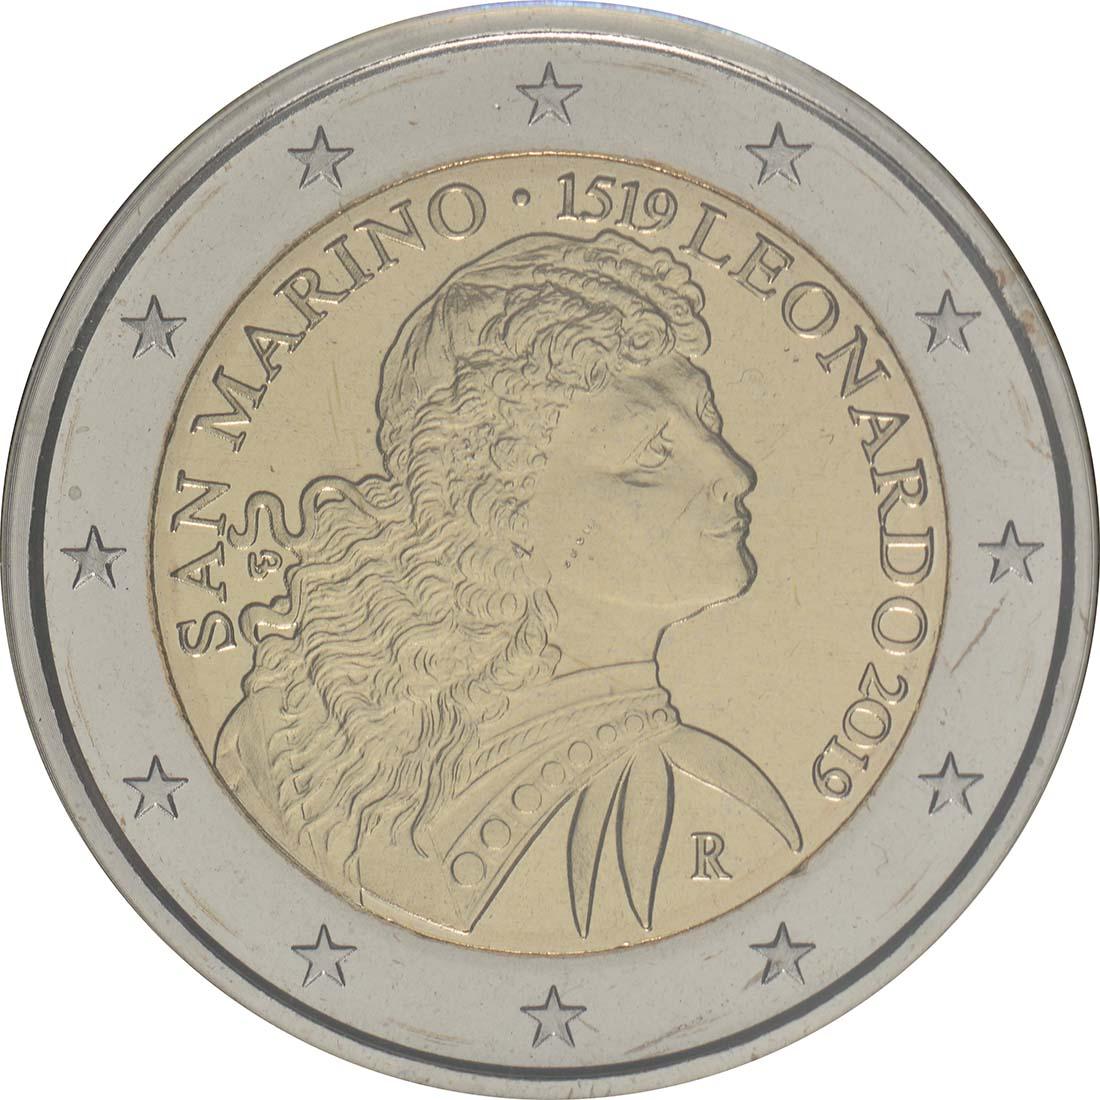 2019 339 San Marino da Vinci.jpg